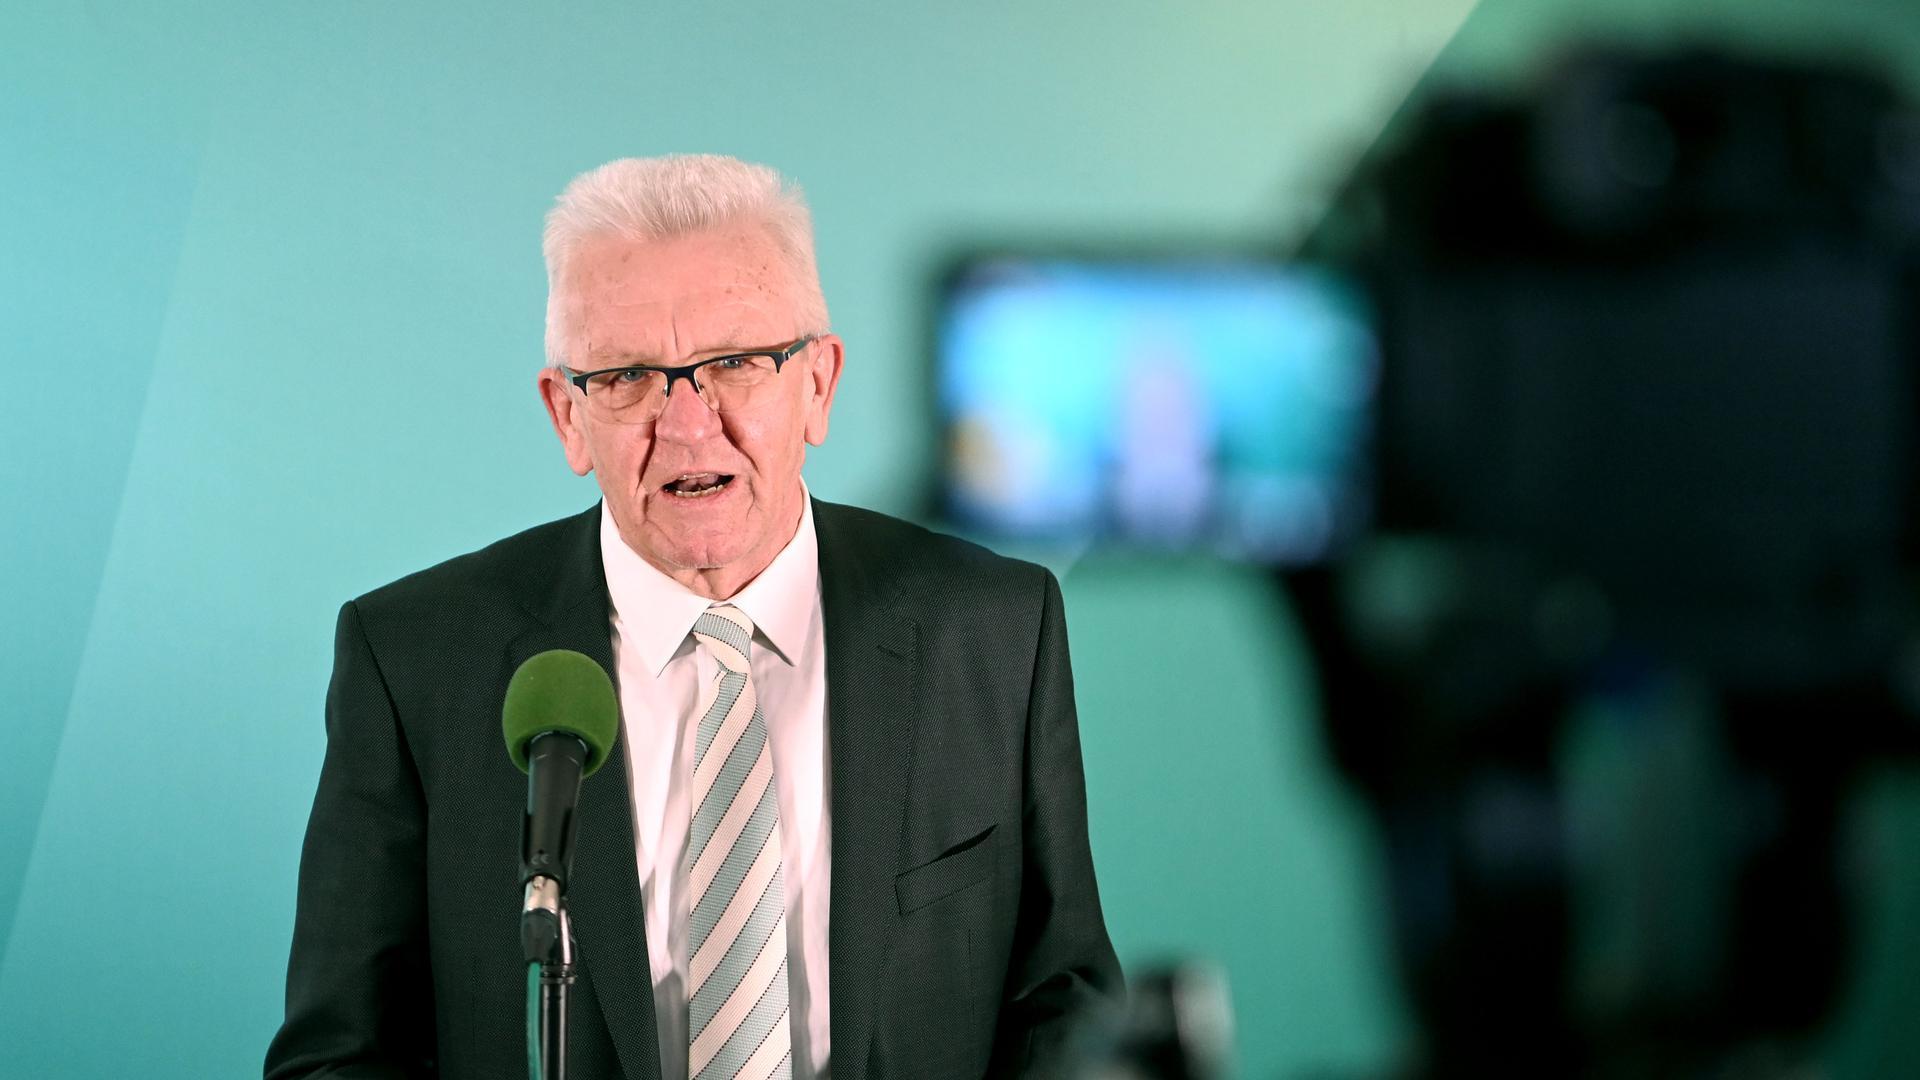 Winfried Kretschmann (Bündnis 90/Die Grünen), Ministerpräsident von Baden-Württemberg und Spitzenkandidat der Grünen, äußert sich im Haus der Abgeordneten zum Ergebnis der Landtagswahlen in Baden-Württemberg.